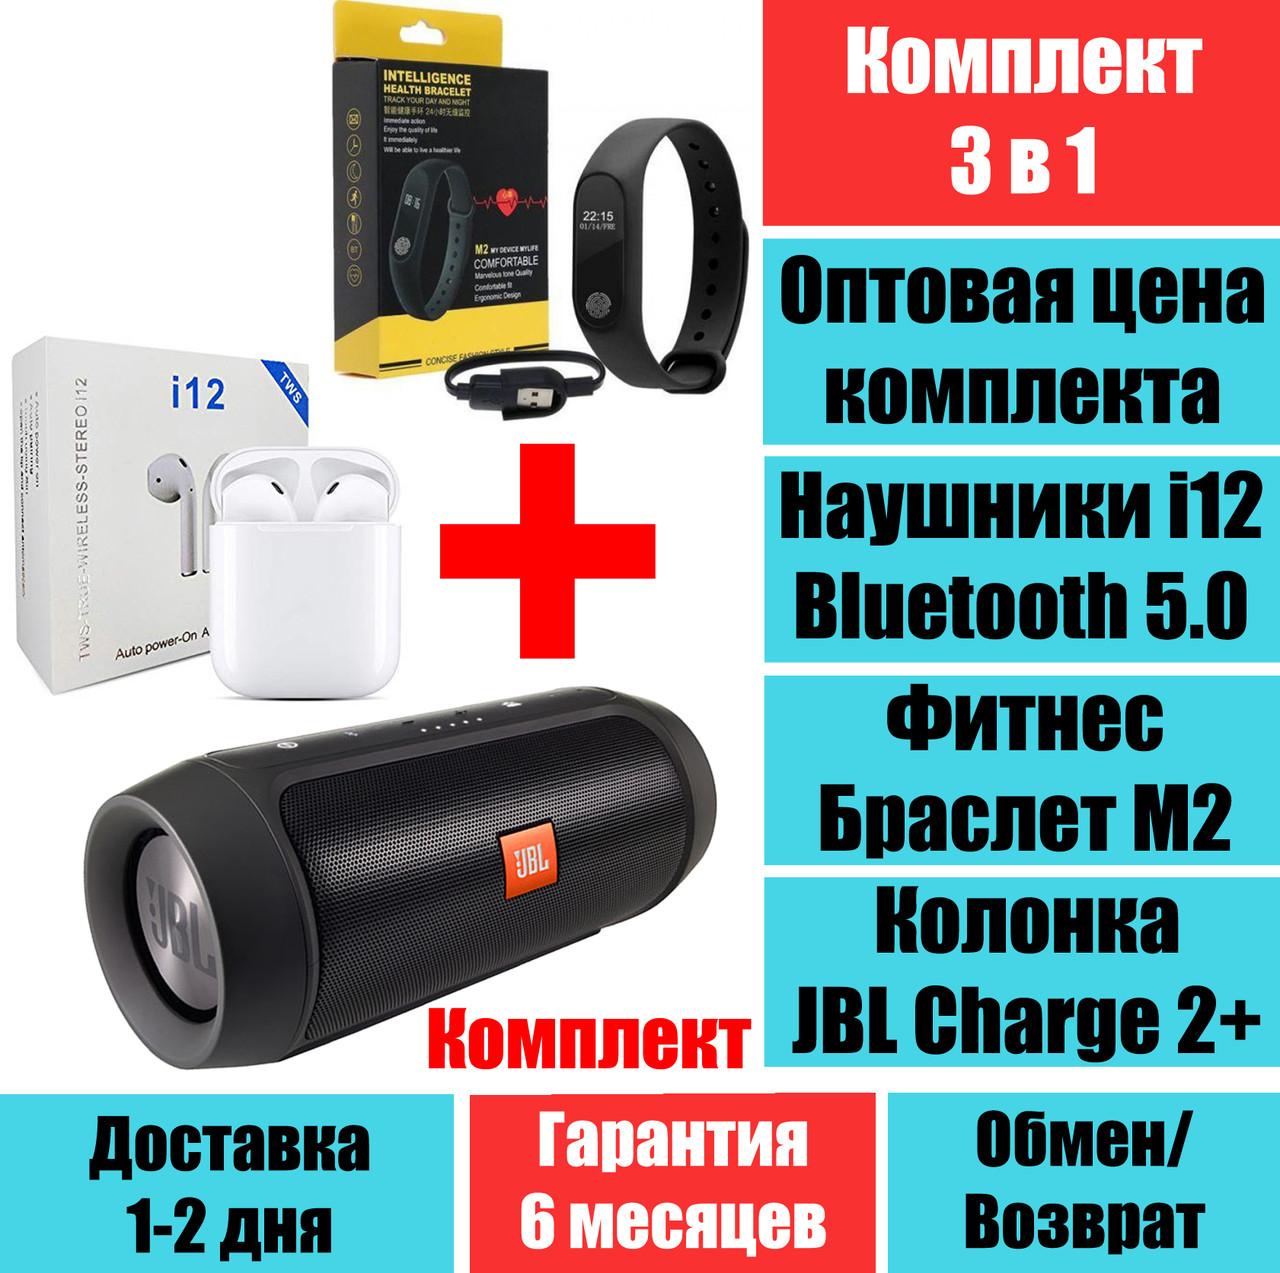 Колонка JBL Charge 2+, Фитнес браслет M2, наушники блютус i12 Mini Bluetooth Комплект QualitiReplica